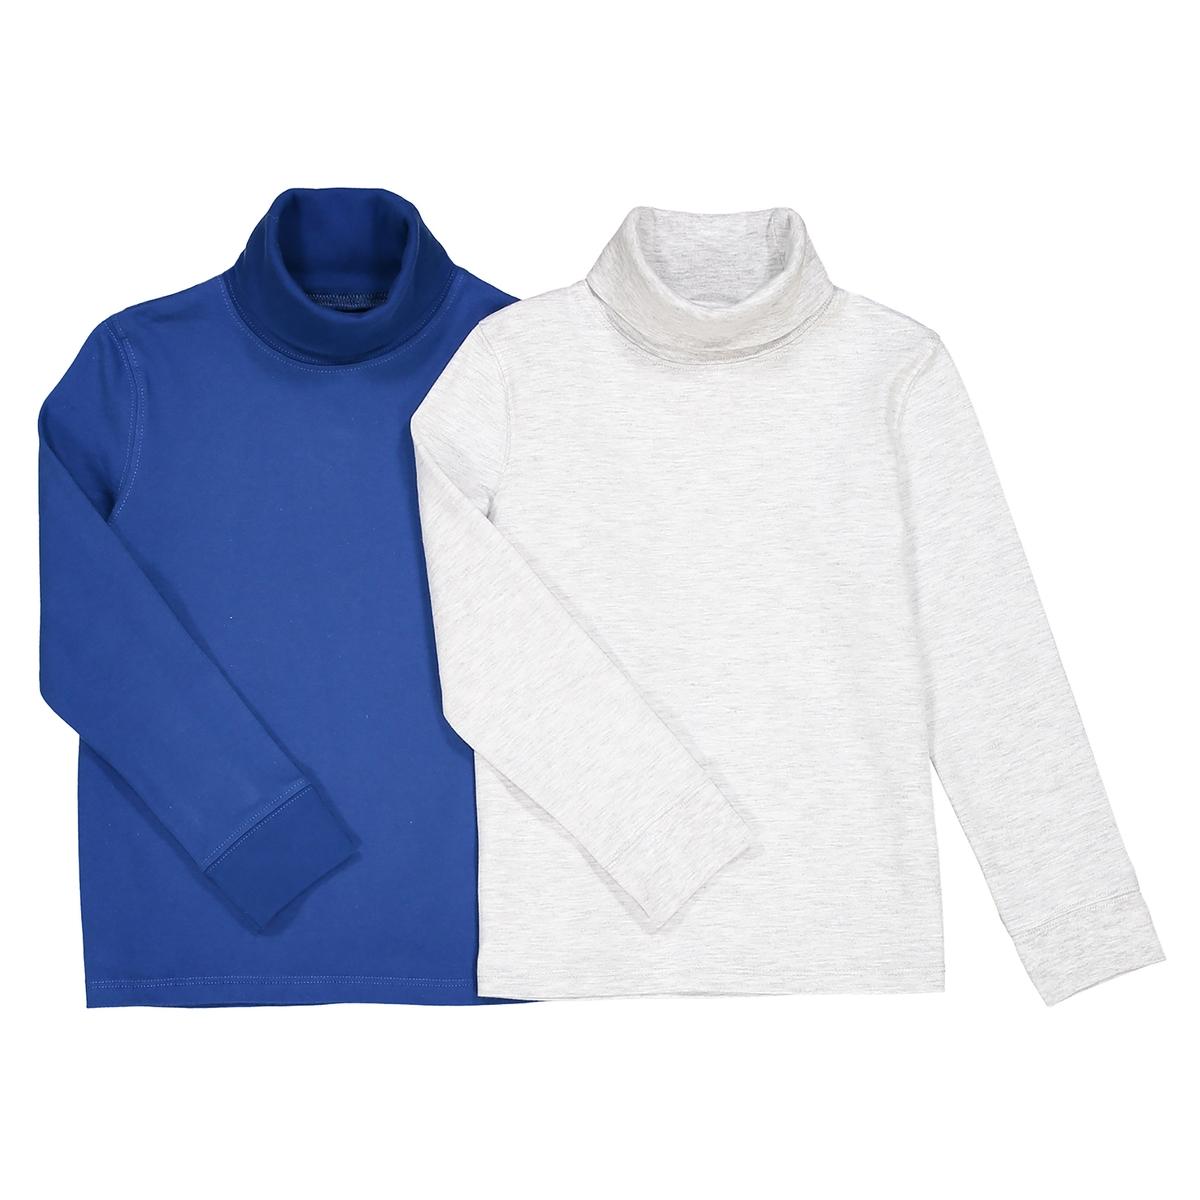 Комплект из 2 тонких пуловеров 3-12 летОписание:Детали •  Длинные рукава •  Прямой покрой •  Воротник с отворотомСостав и уход •  100% хлопок •  Температура стирки 30° •  Гладить при средней температуре / не отбеливать • Барабанная сушка на умеренном режиме •  Сухая чистка запрещена<br><br>Цвет: бежевый меланж/темно-синий,зеленый + темно-синий,светло-серый + бордовый,серый меланж + синий,серый меланж + черный<br>Размер: 3 года - 94 см.12 лет -150 см.10 лет - 138 см.8 лет - 126 см.6 лет - 114 см.5 лет - 108 см.4 года - 102 см.3 года - 94 см.10 лет - 138 см.8 лет - 126 см.4 года - 102 см.3 года - 94 см.10 лет - 138 см.8 лет - 126 см.5 лет - 108 см.4 года - 102 см.3 года - 94 см.10 лет - 138 см.6 лет - 114 см.5 лет - 108 см.4 года - 102 см.3 года - 94 см.10 лет - 138 см.8 лет - 126 см.6 лет - 114 см.5 лет - 108 см.4 года - 102 см